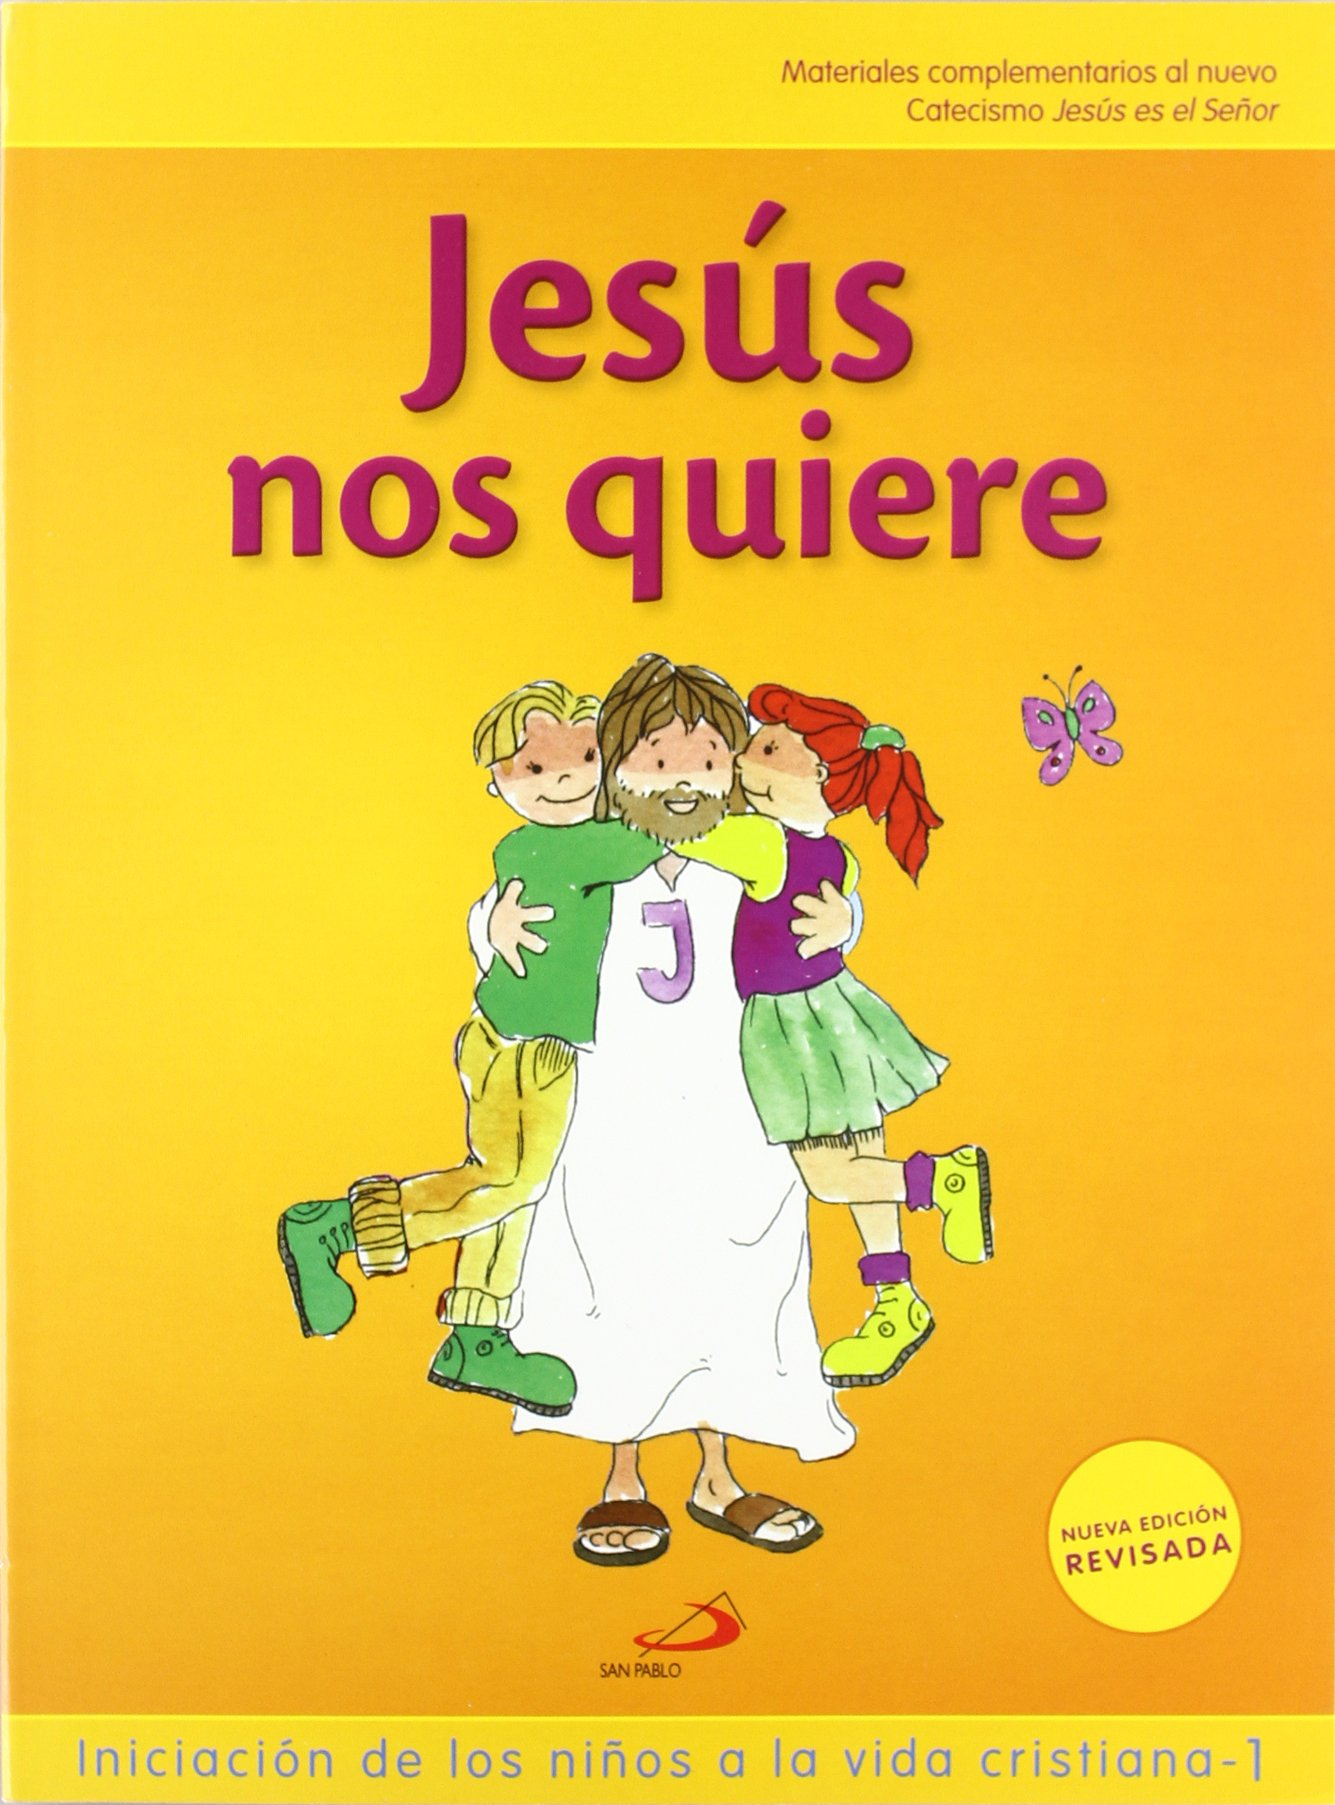 Jesús nos quiere libro del niño Iniciación de los niños a la vida cristiana 1: Materiales complementarios al nuevo Catecismo Jesús es el Señor Nuevo ...